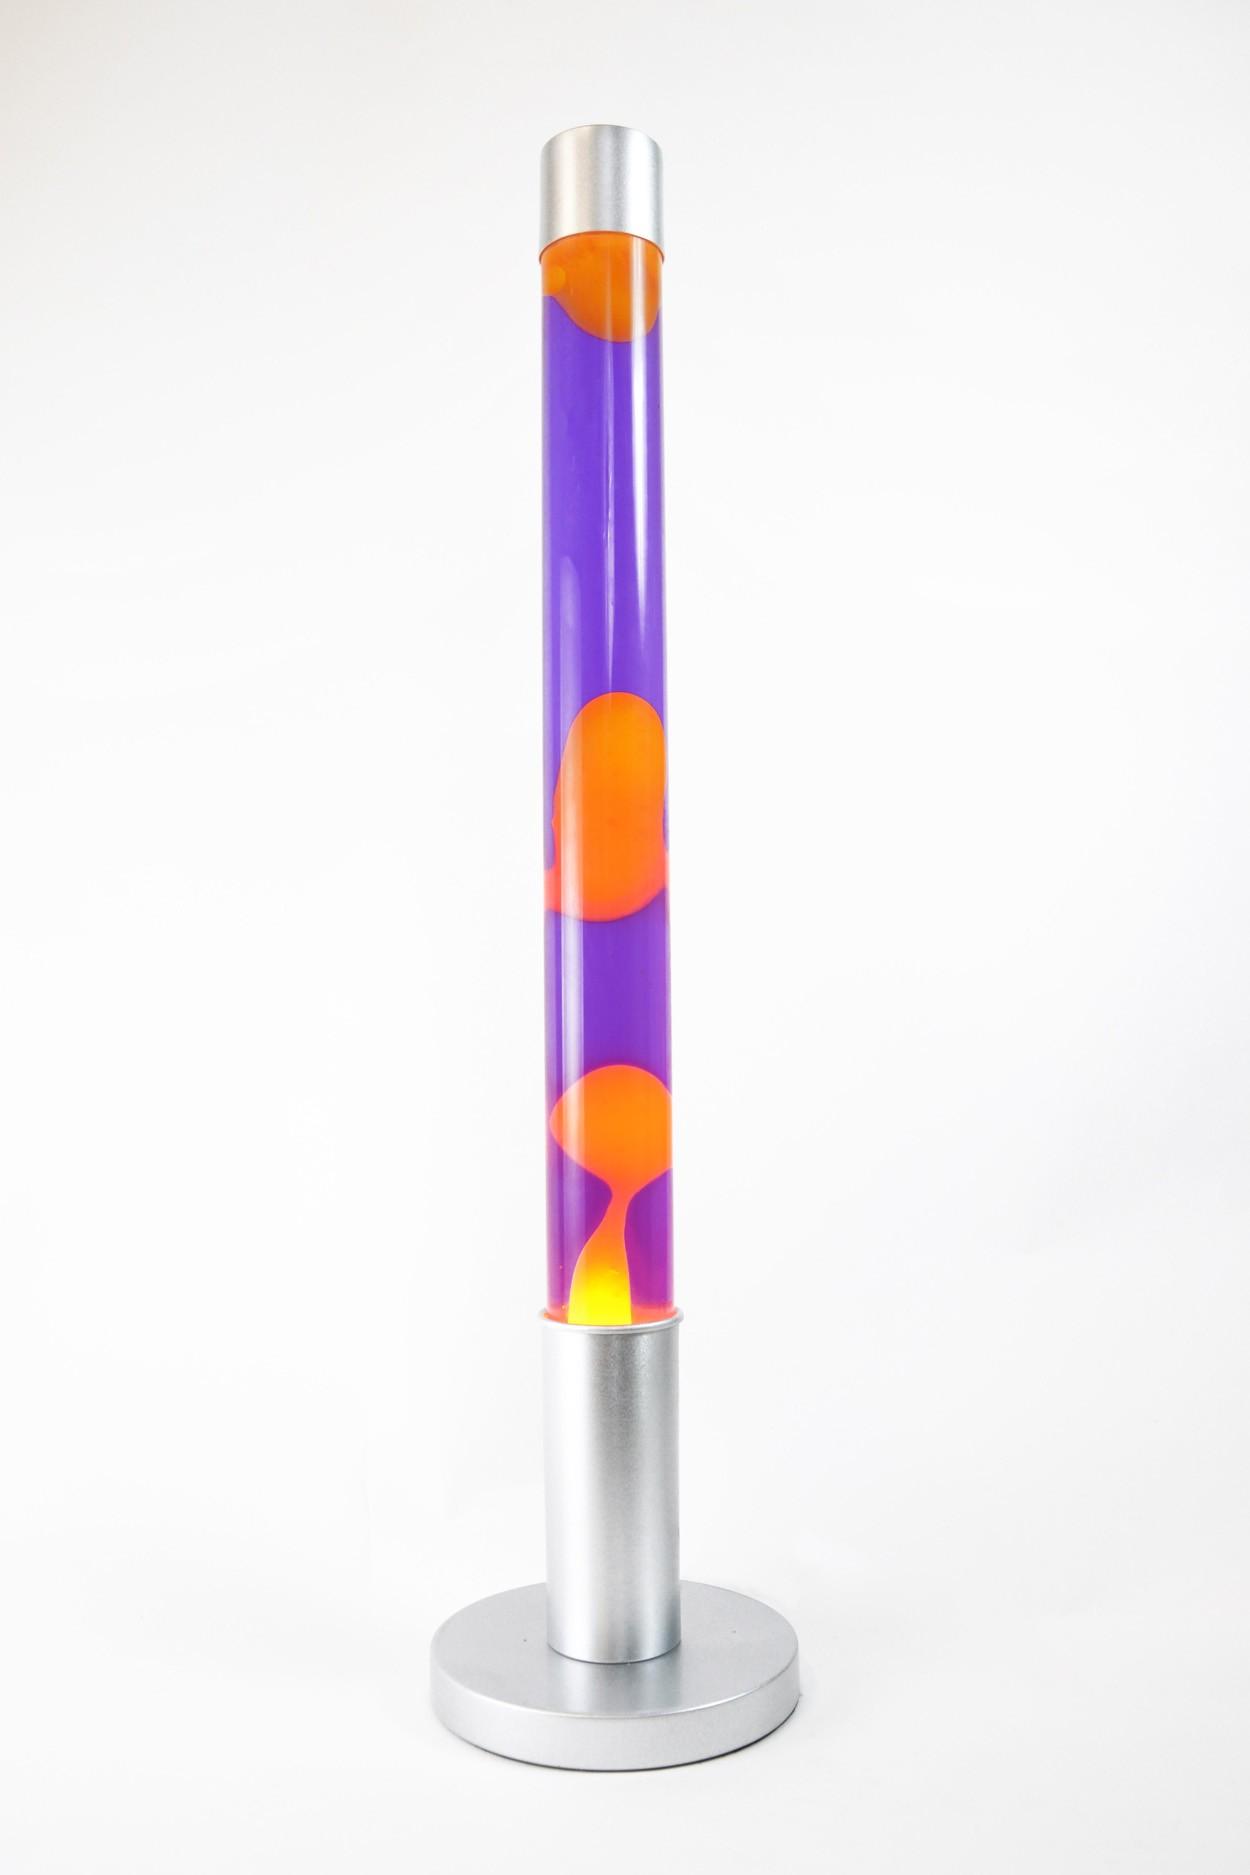 Напольная лава-лампа 75см  Оранжевая/Фиолетовая (Воск)